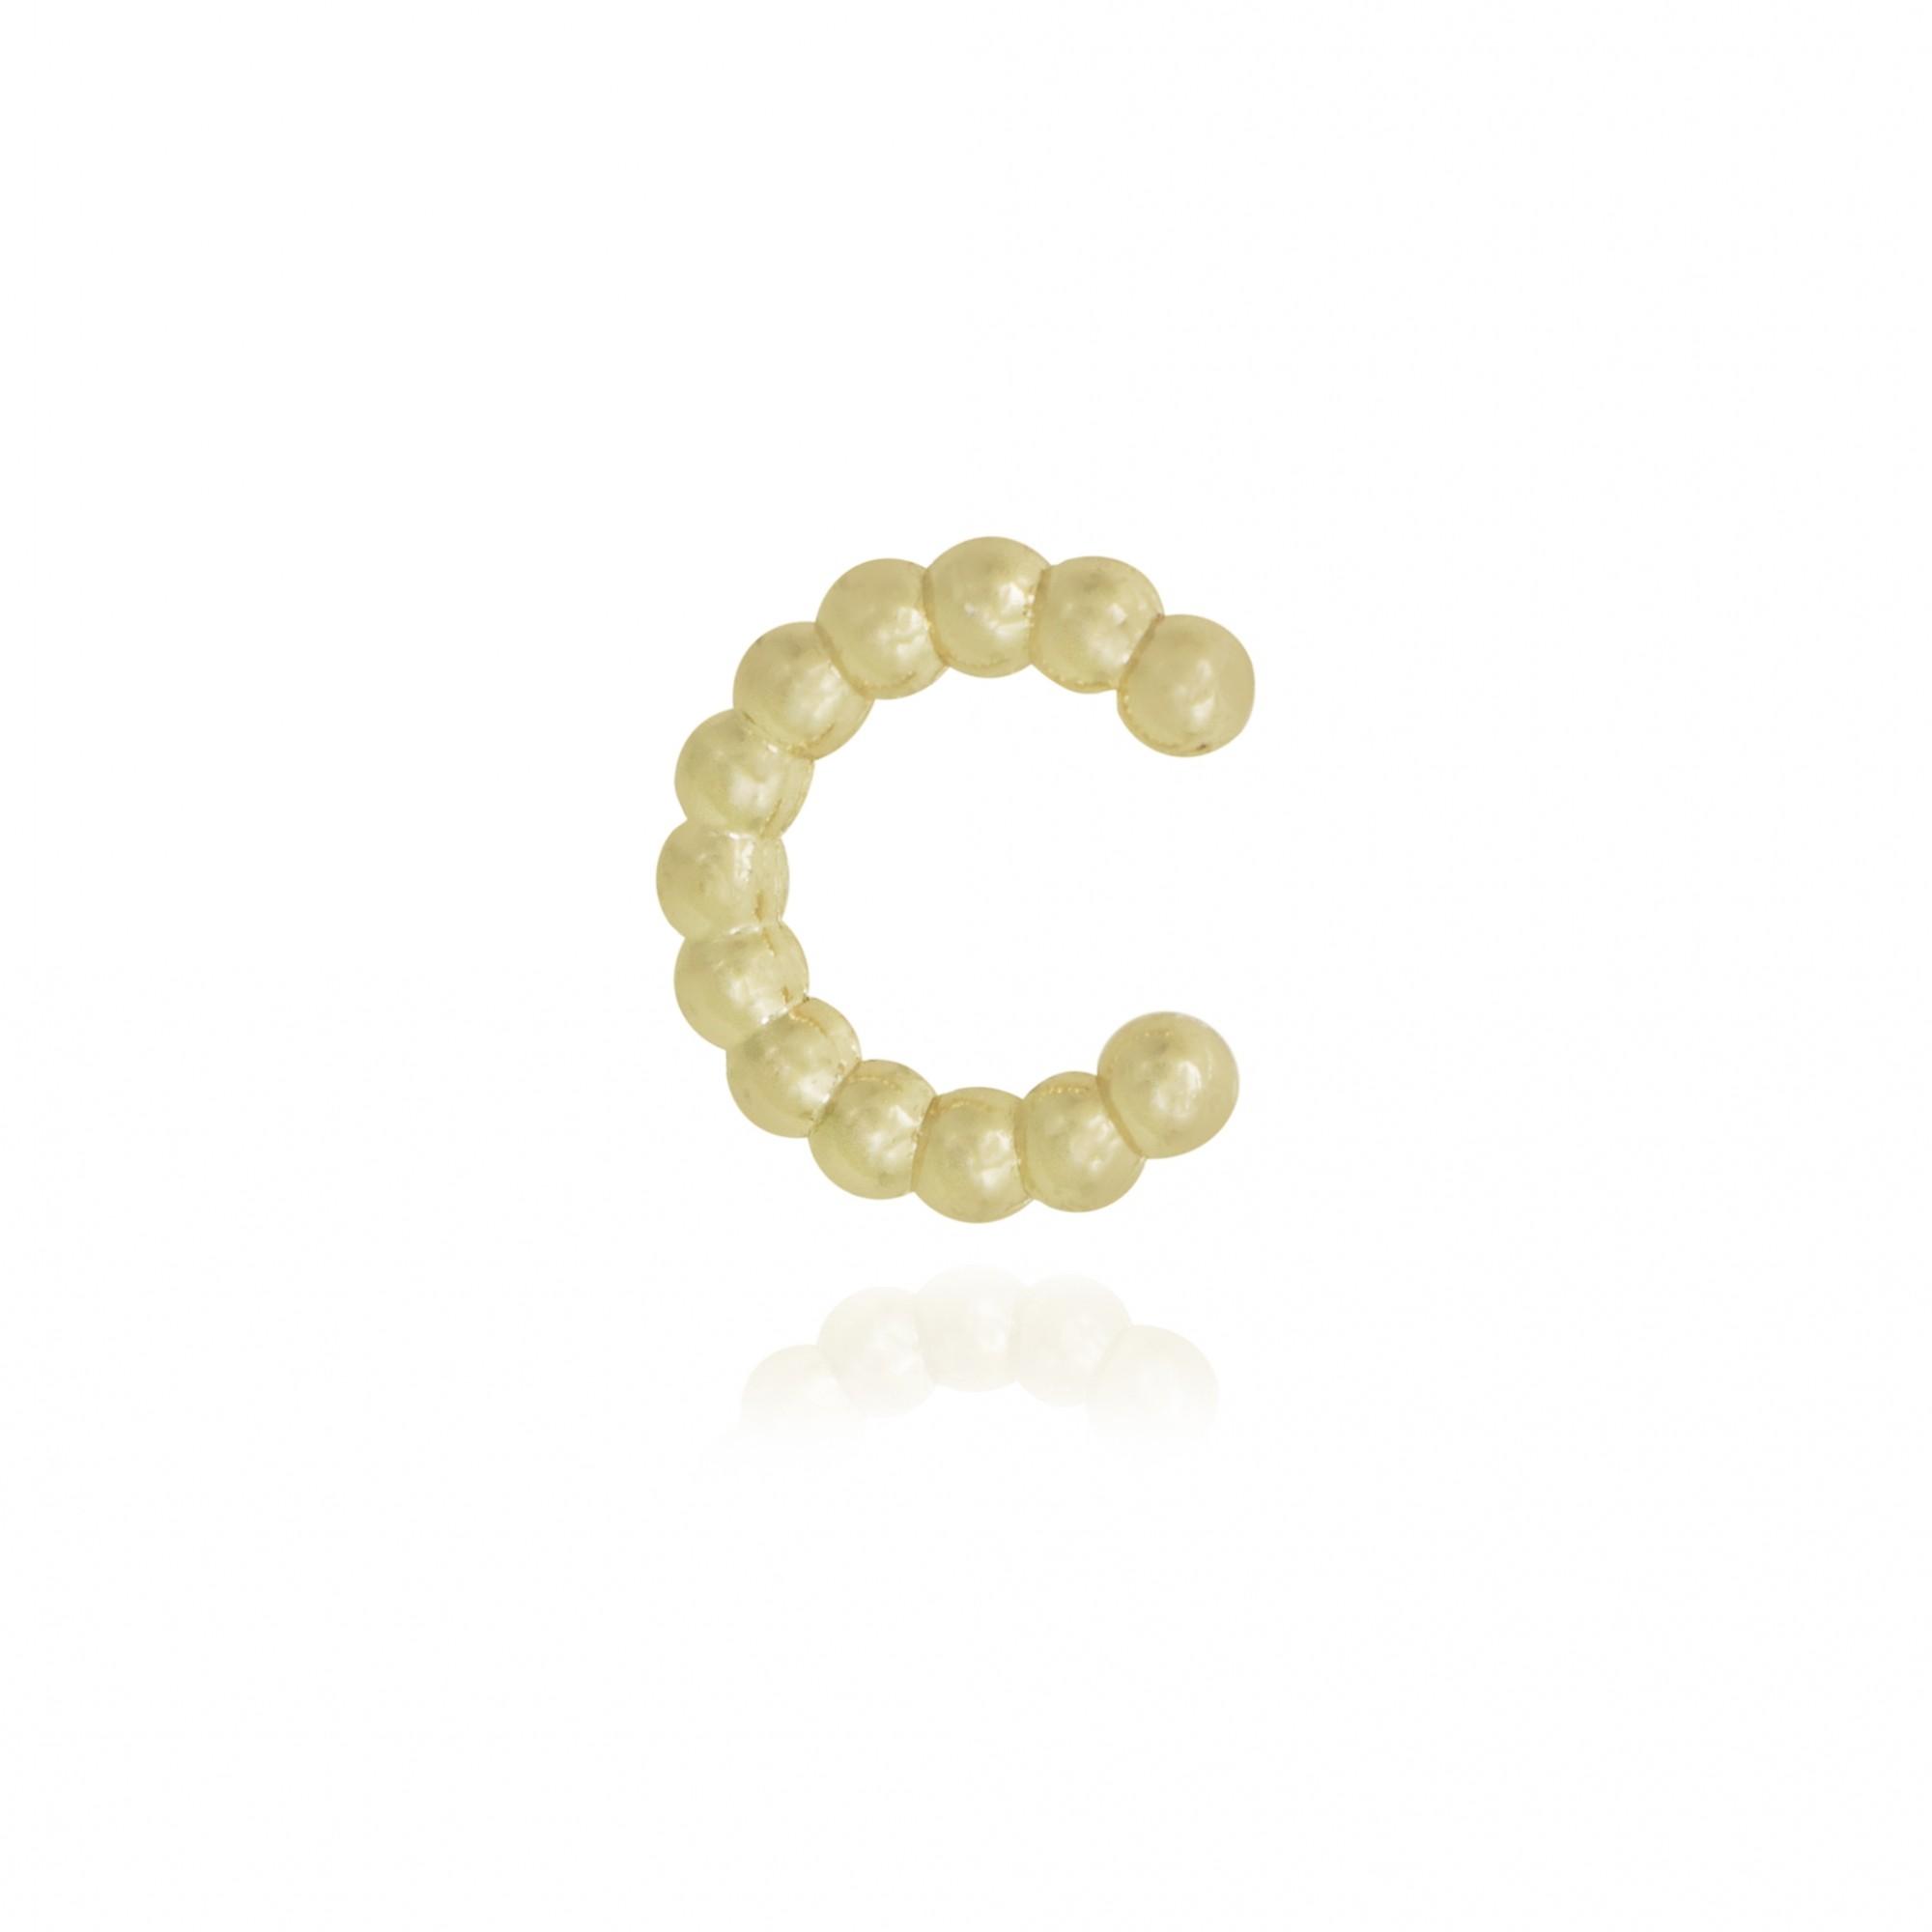 Piercing fake semijoia bolinhas folheado ouro prata